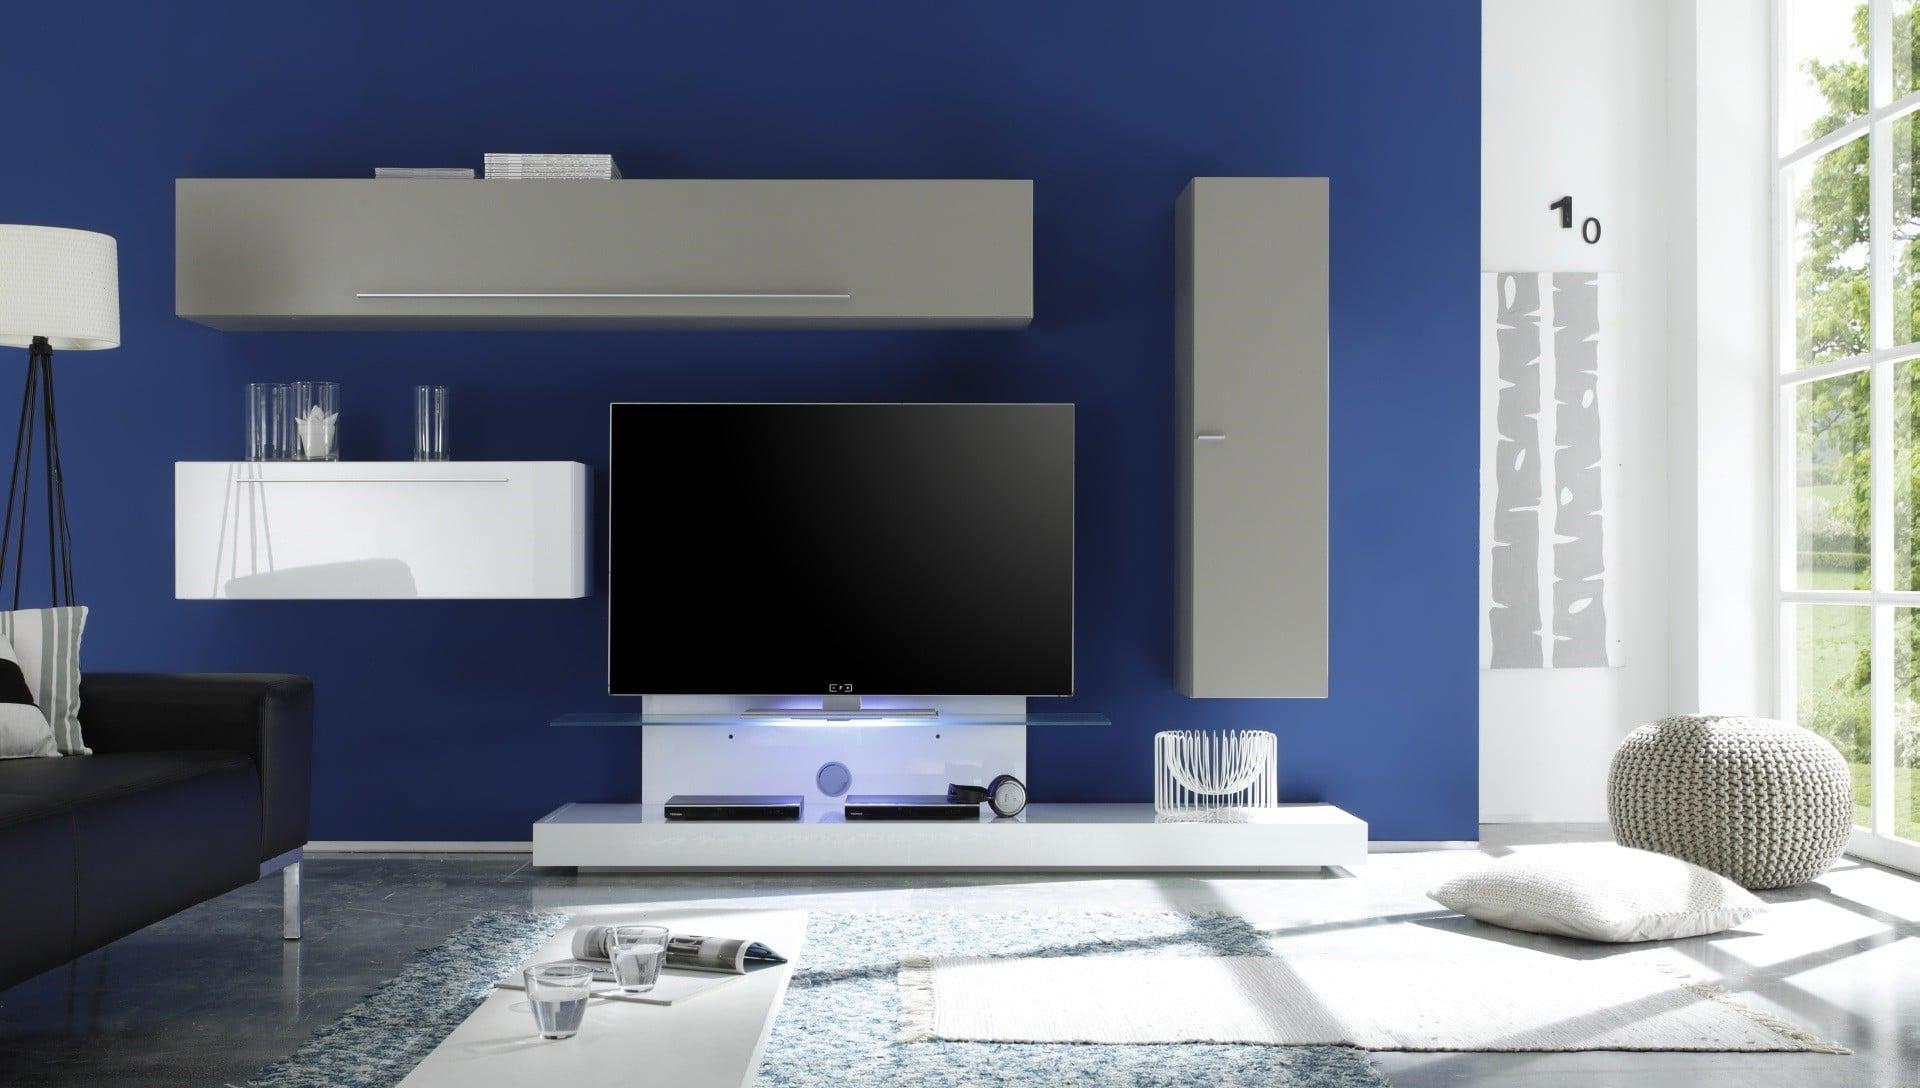 Mettre En Valeur Son Salon Avec Un Meuble Tv Mural Blog Matelpro